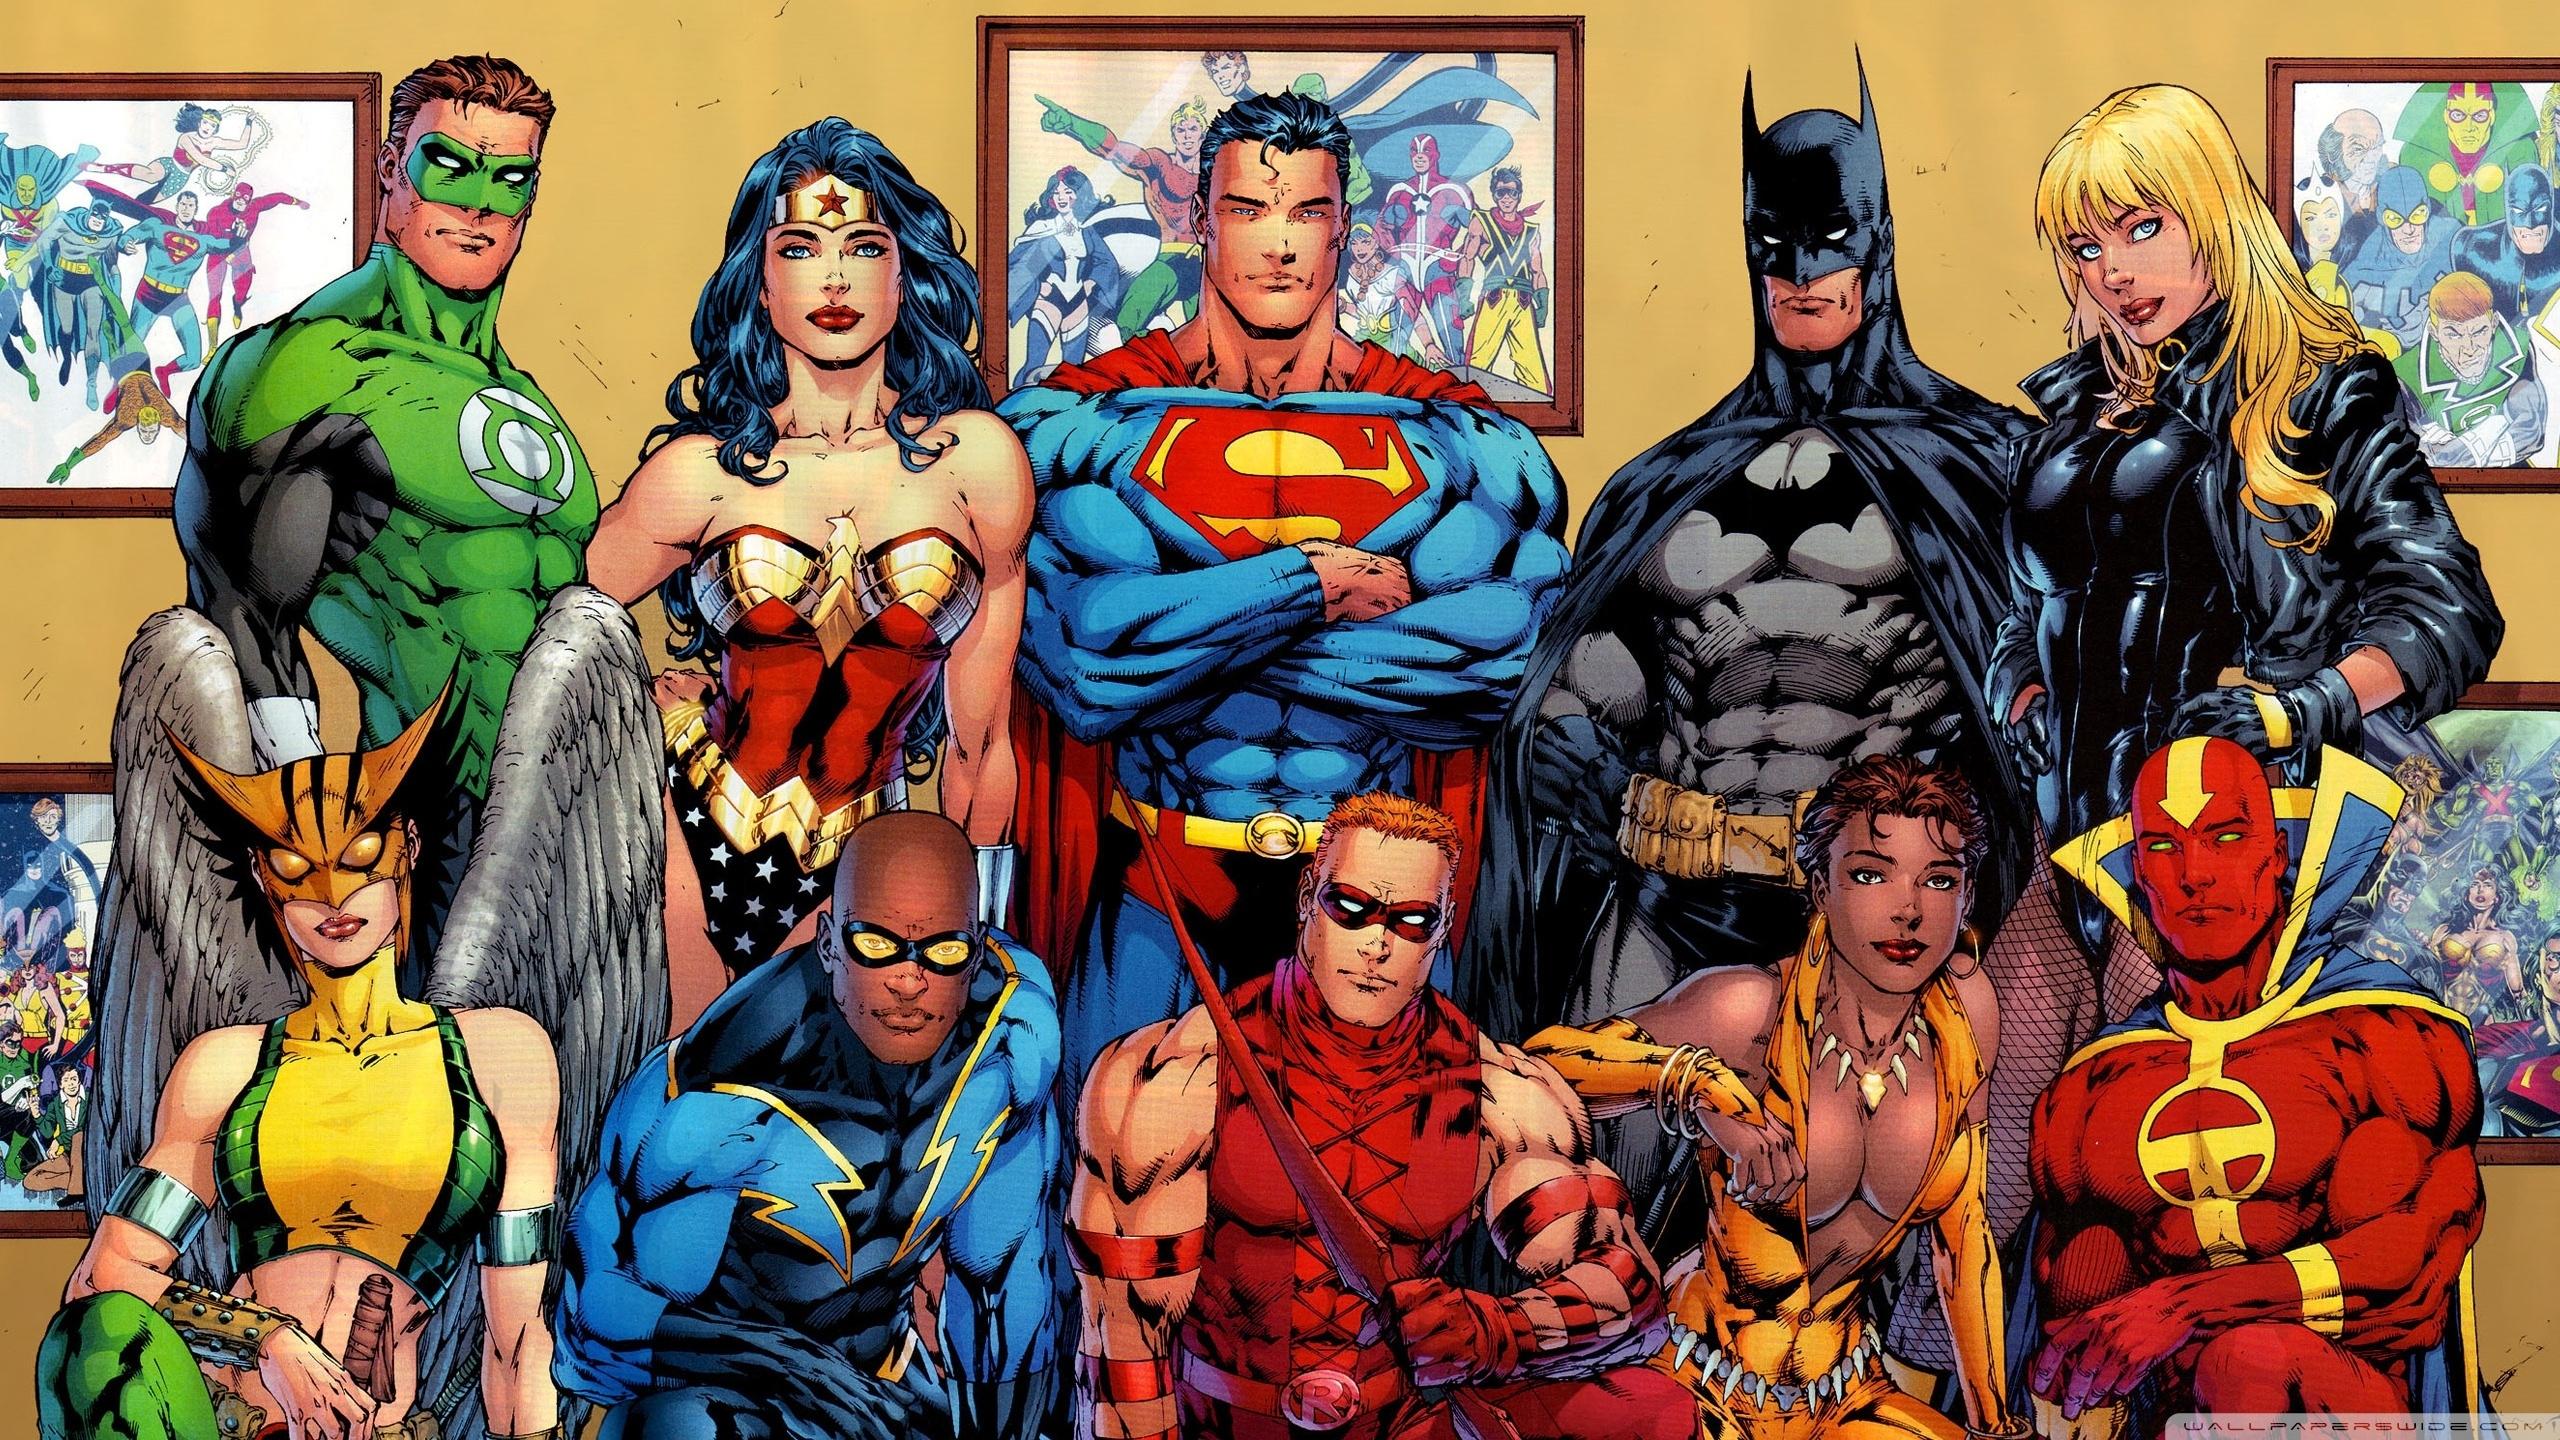 dc comics superheroes ❤ 4k hd desktop wallpaper for 4k ultra hd tv